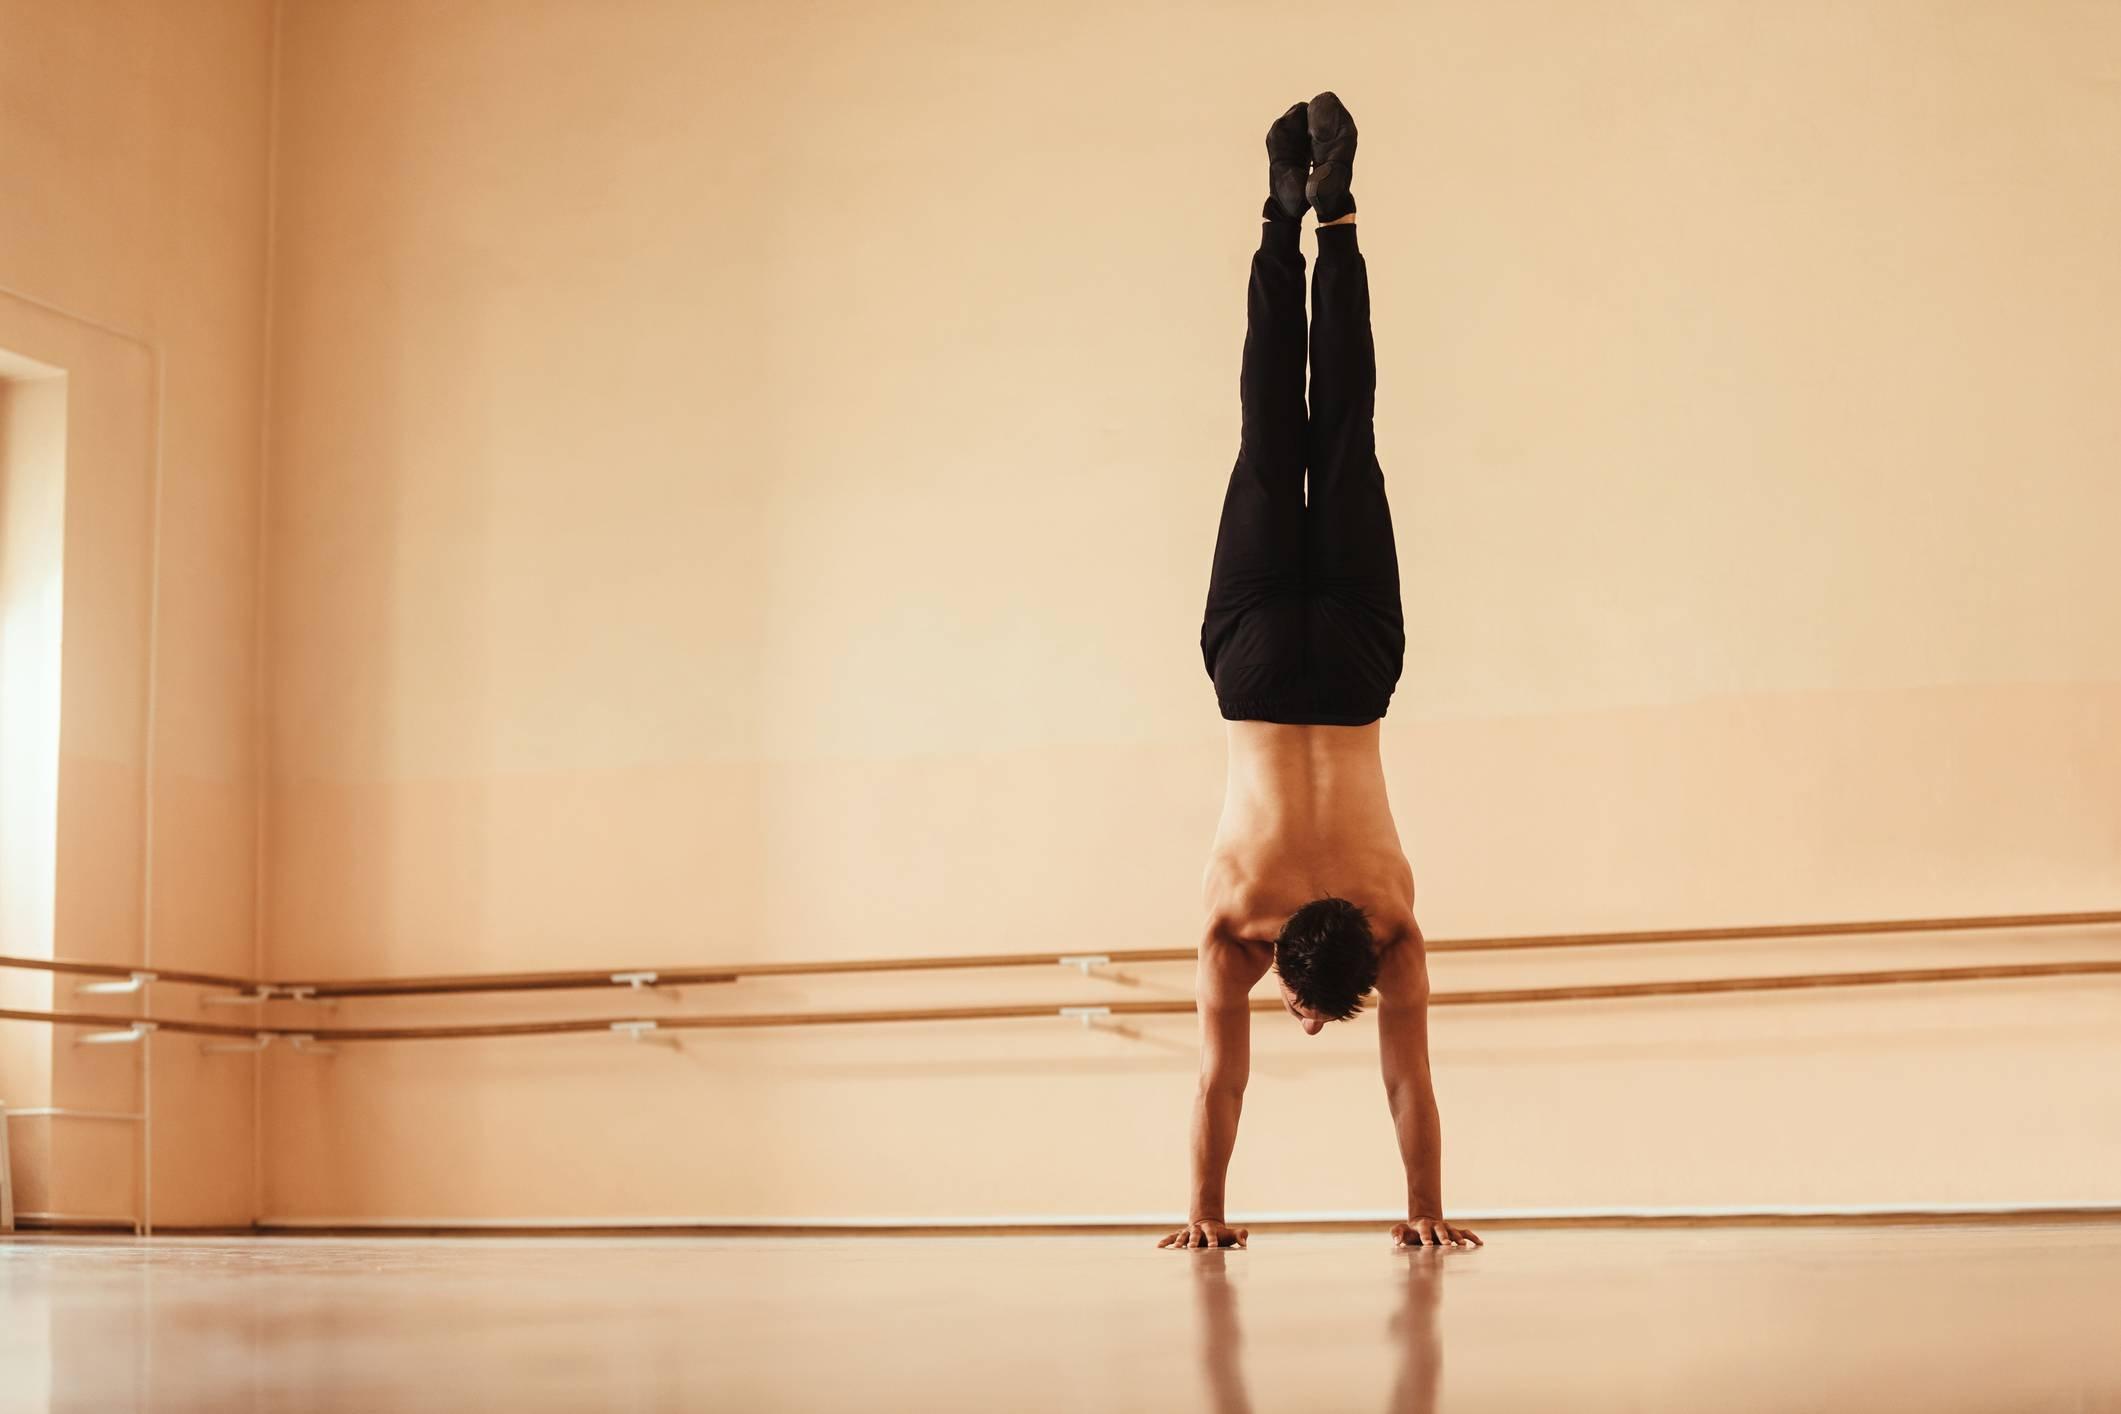 escolher melhores produtos de ballet